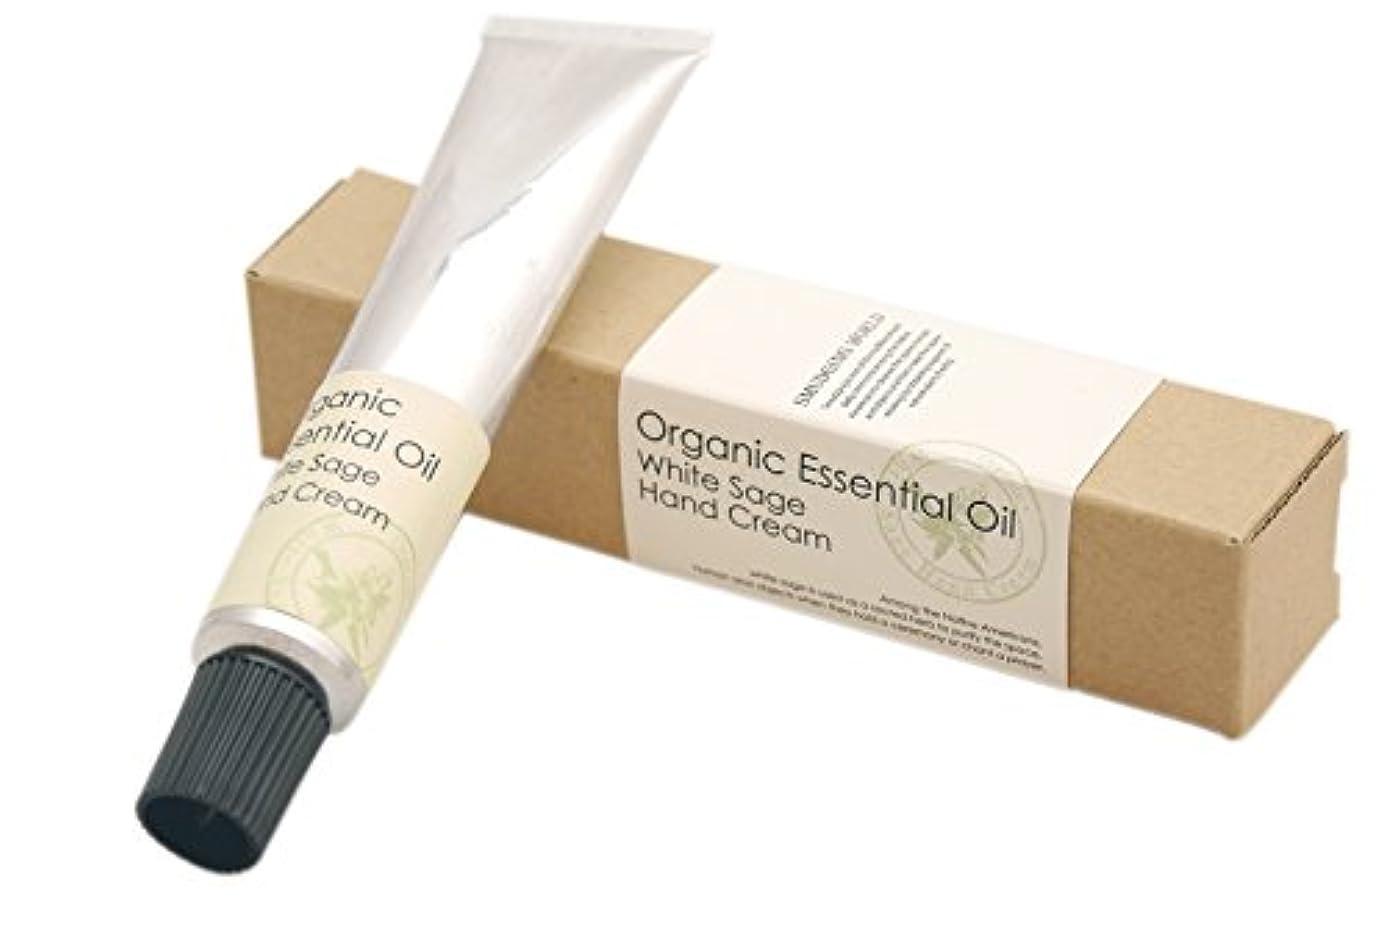 時制ストレス間違いアロマレコルト ハンドクリーム ホワイトセージ 【White Sage】 オーガニック エッセンシャルオイル organic essential oil hand cream arome recolte